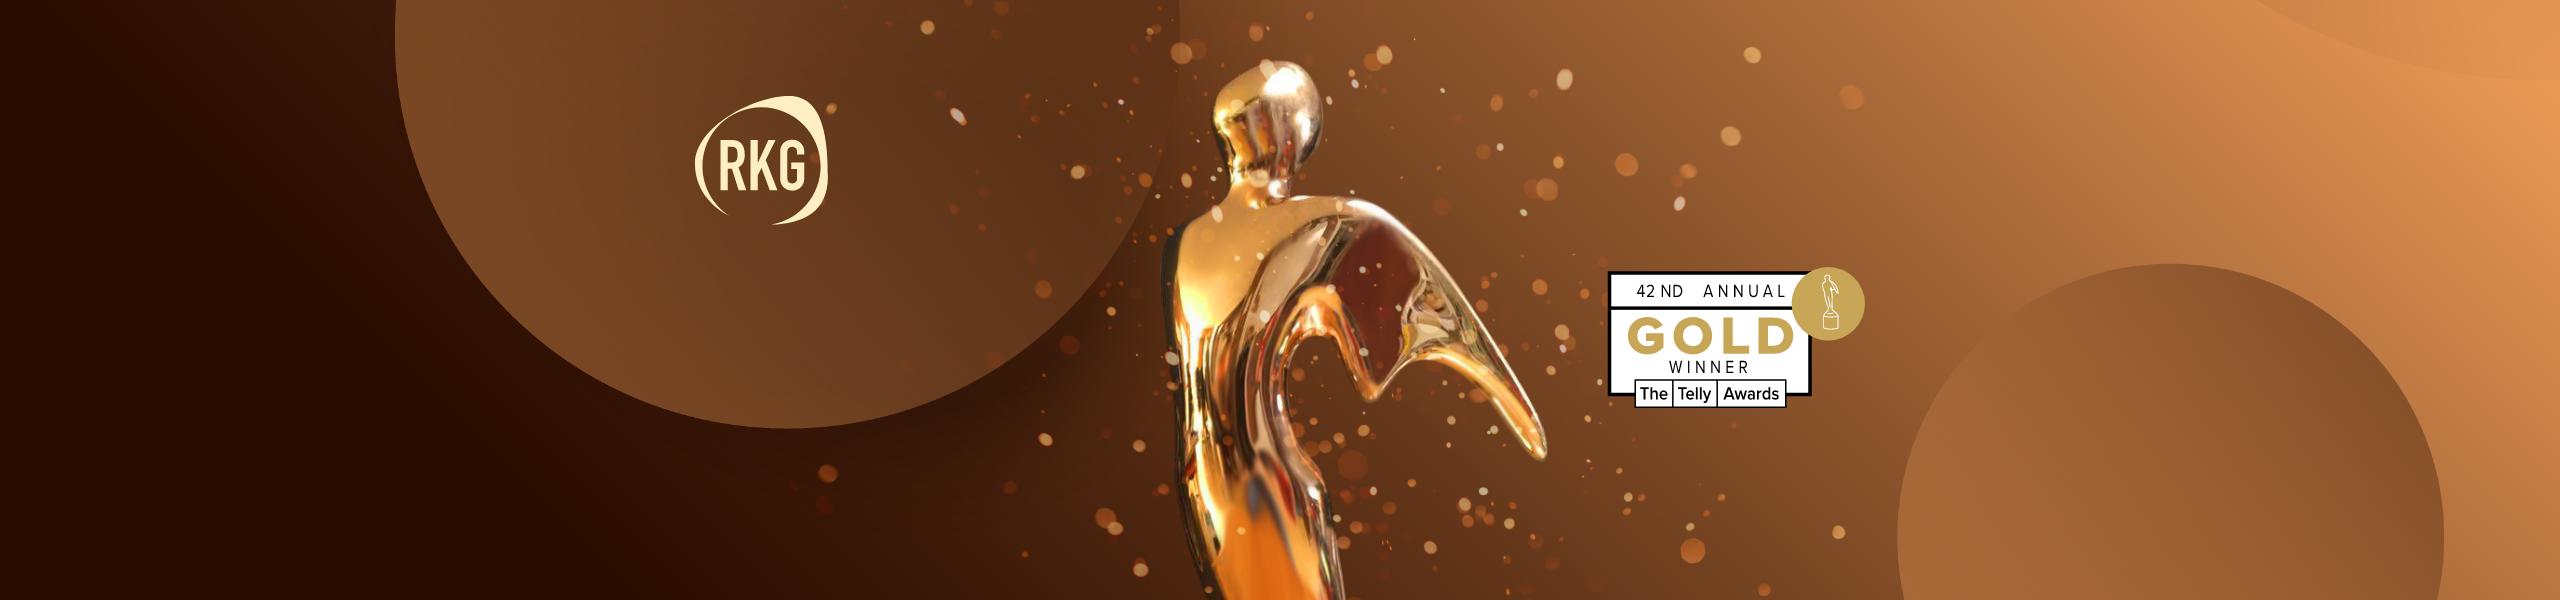 rkg-telly-awards